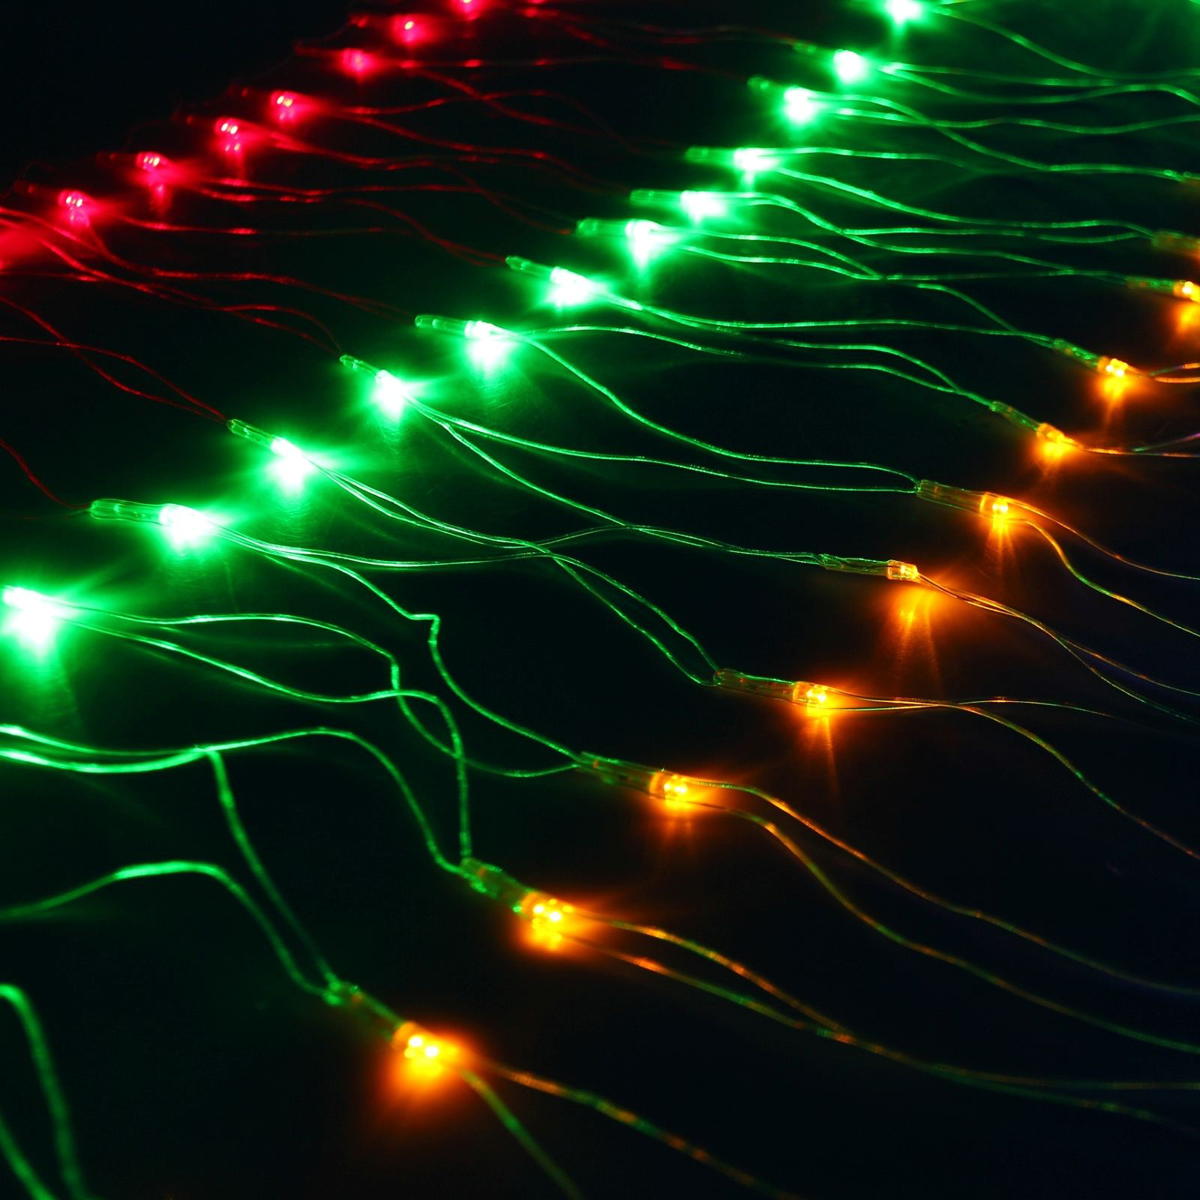 Гирлянда Luazon Сетка, длина 0,7 м, LED 96 ламп, 220V, цвет: мультиколор. 703314703314Светодиодные гирлянды, ленты и т.д — это отличный вариант для новогоднего оформления интерьера или фасада. С их помощью помещение любого размера можно превратить в праздничный зал, а внешние элементы зданий, украшенные ими, мгновенно станут напоминать очертания сказочного дворца. Такие украшения создают ауру предвкушения чуда. Деревья, фасады, витрины, окна и арки будто специально созданы, чтобы вы украсили их светящимися нитями.